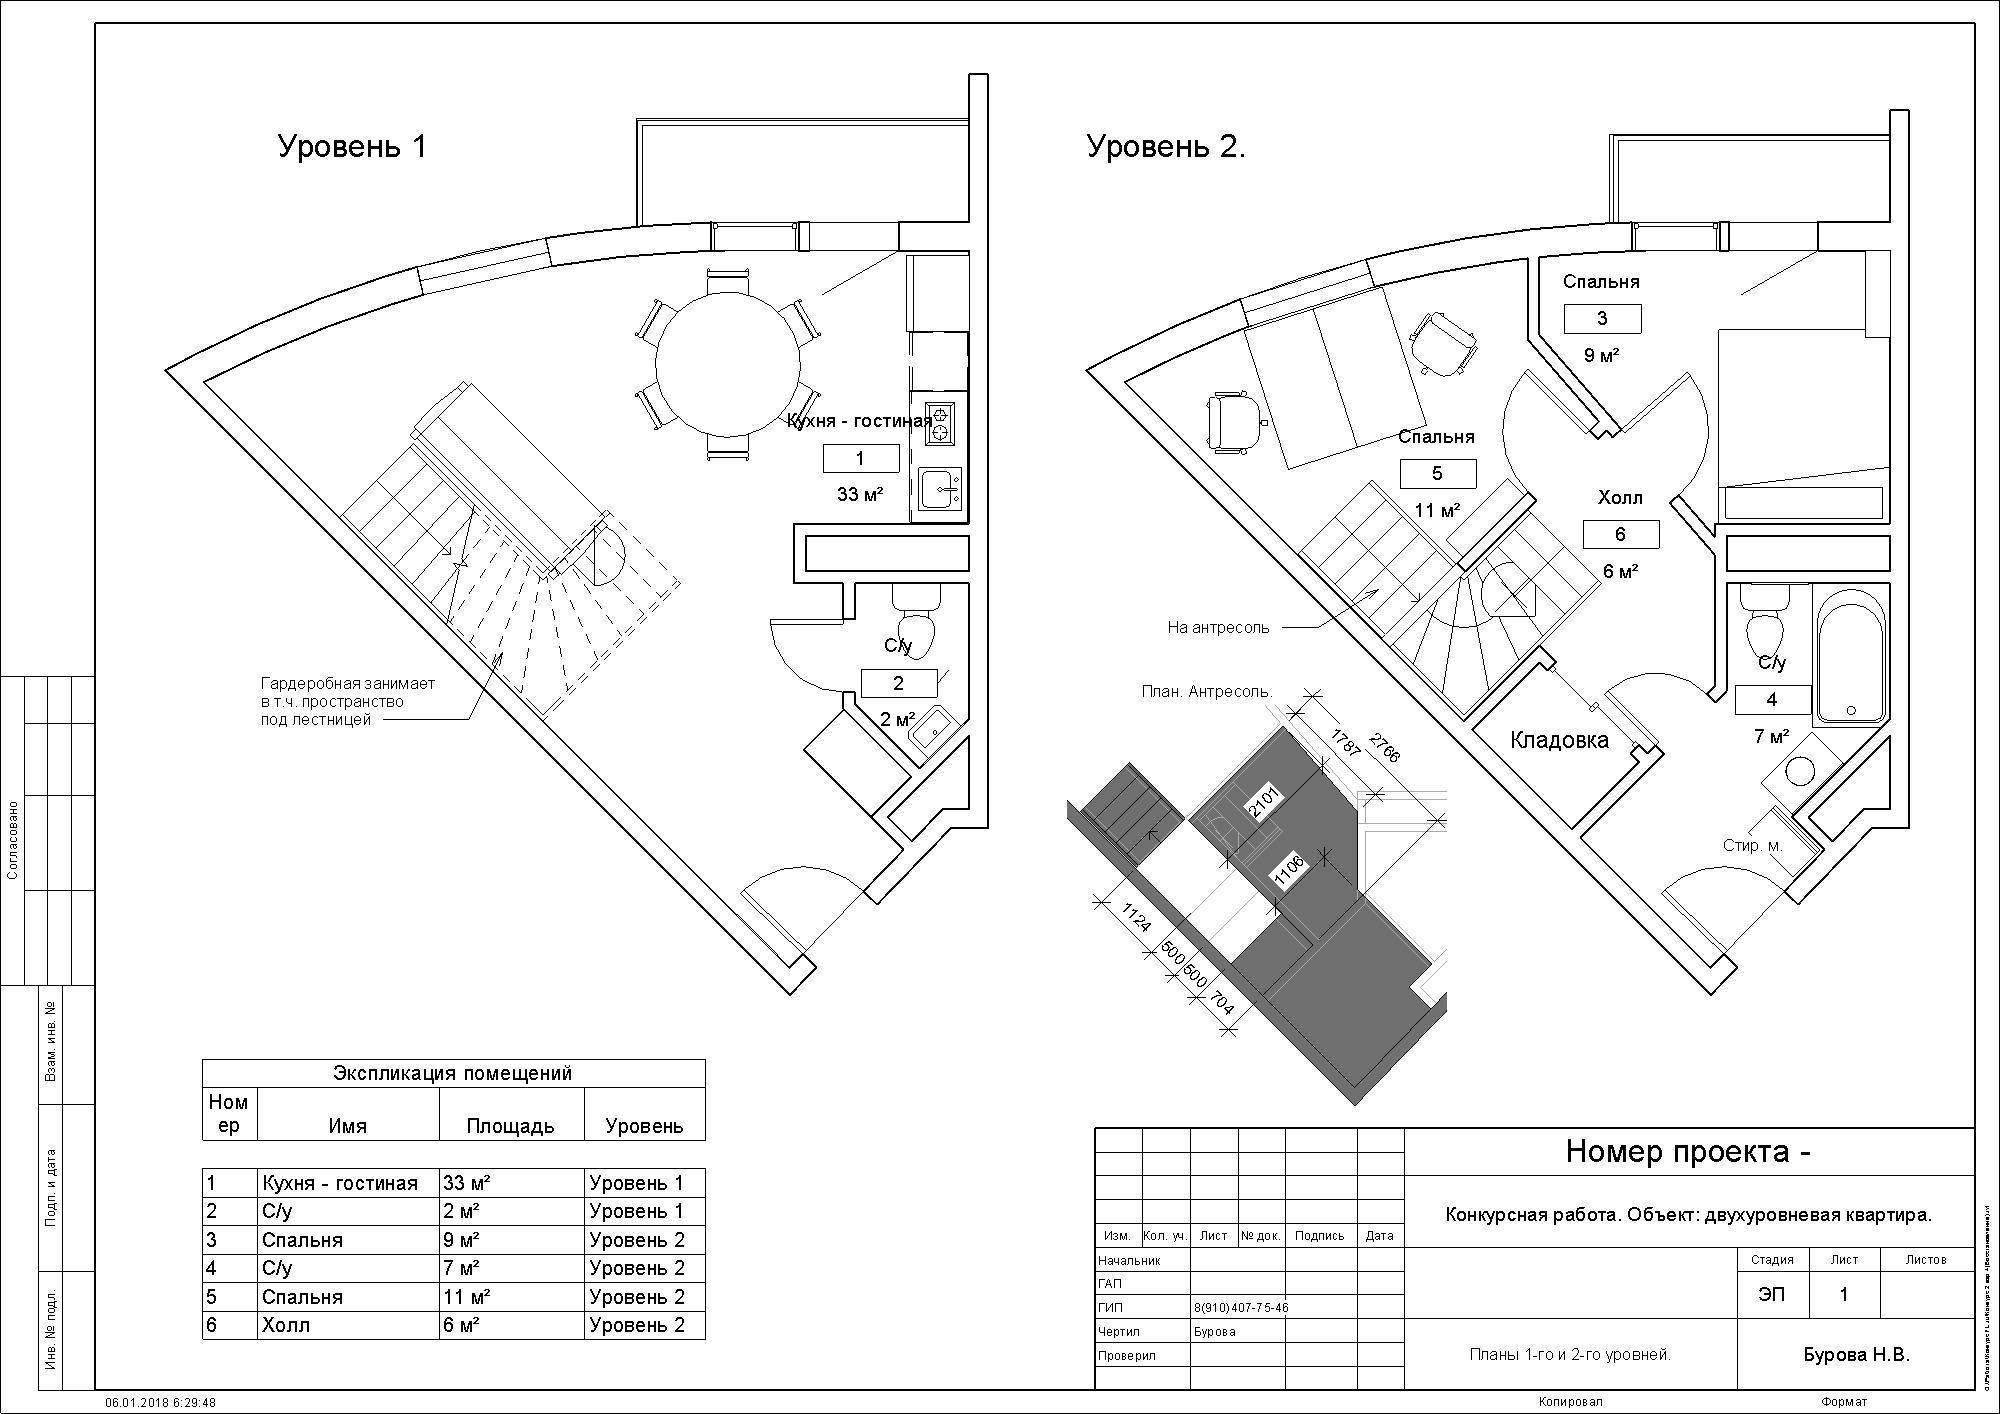 Планировочное решение для 2-уровневой кв.37,5м фото f_7545a50431c4a374.jpg